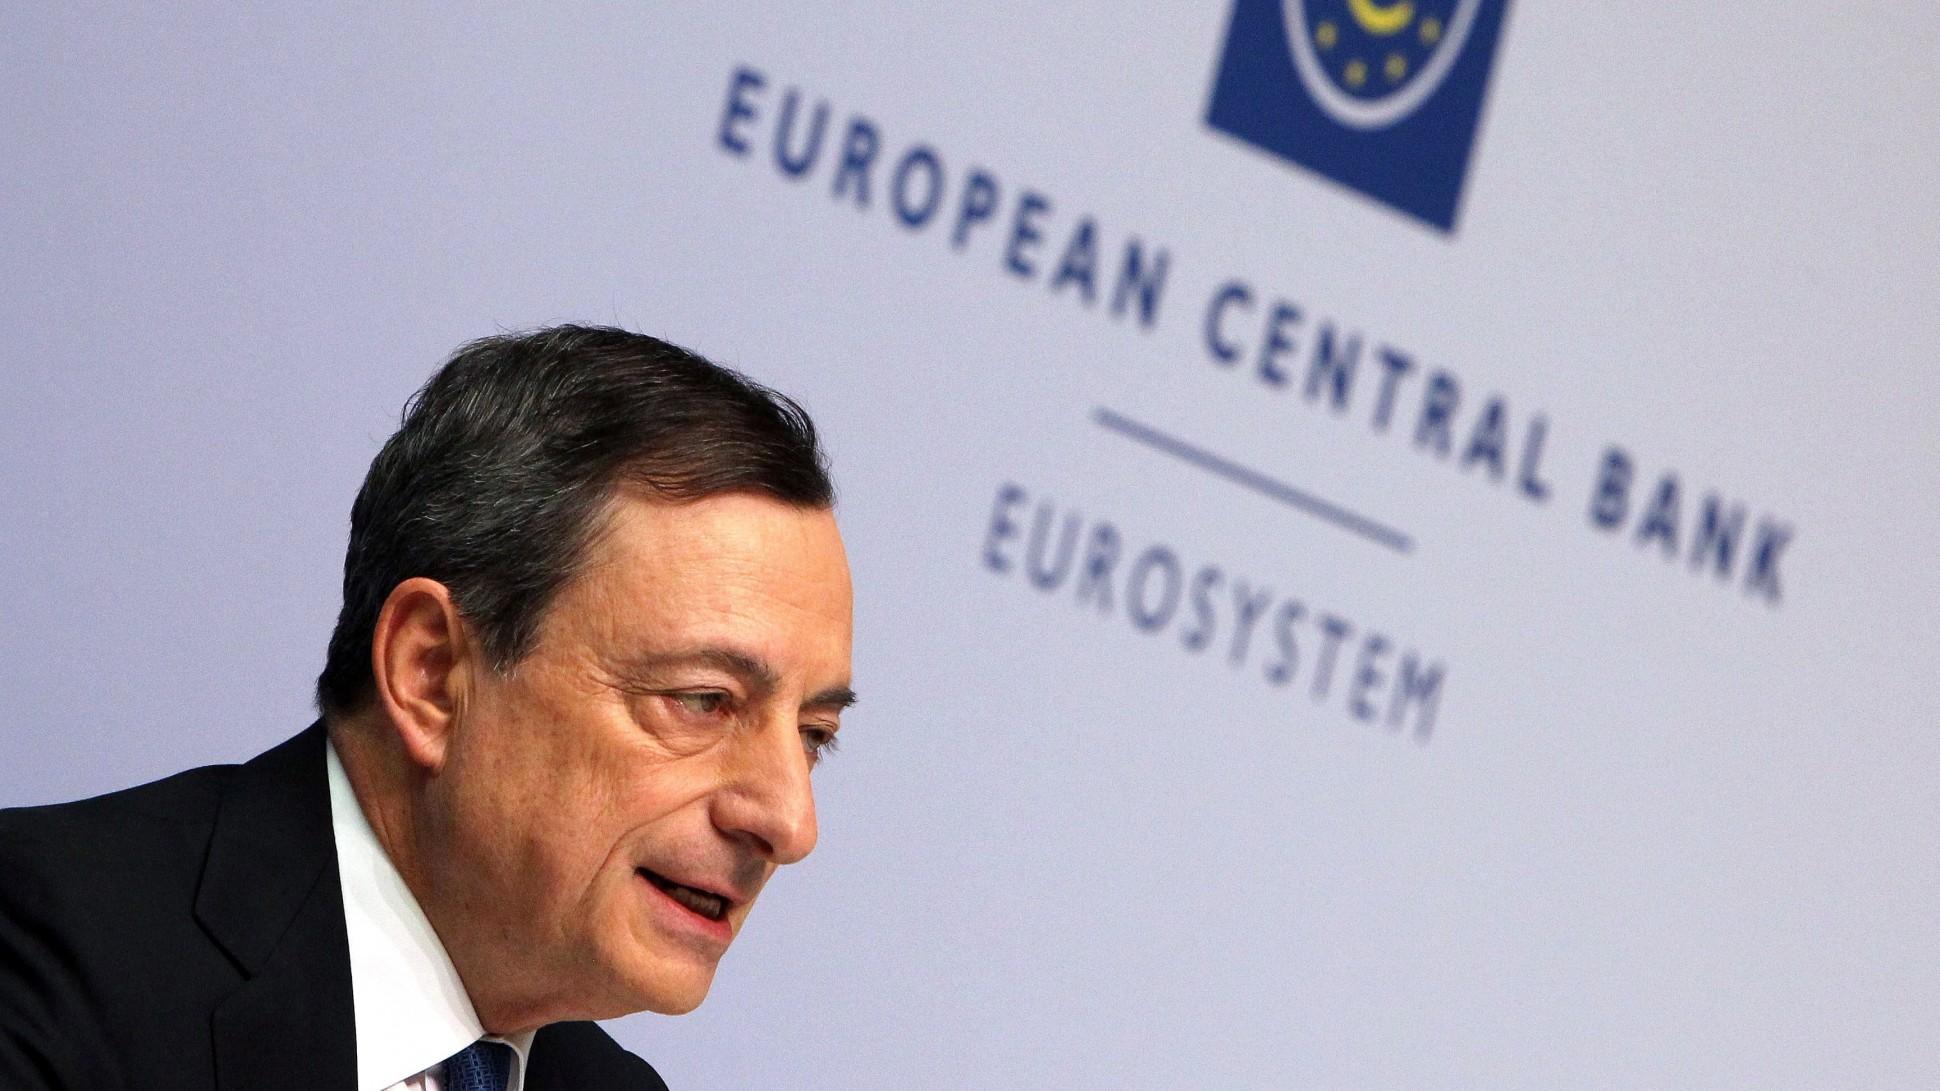 Draghi-e1421937848457-1940x1091